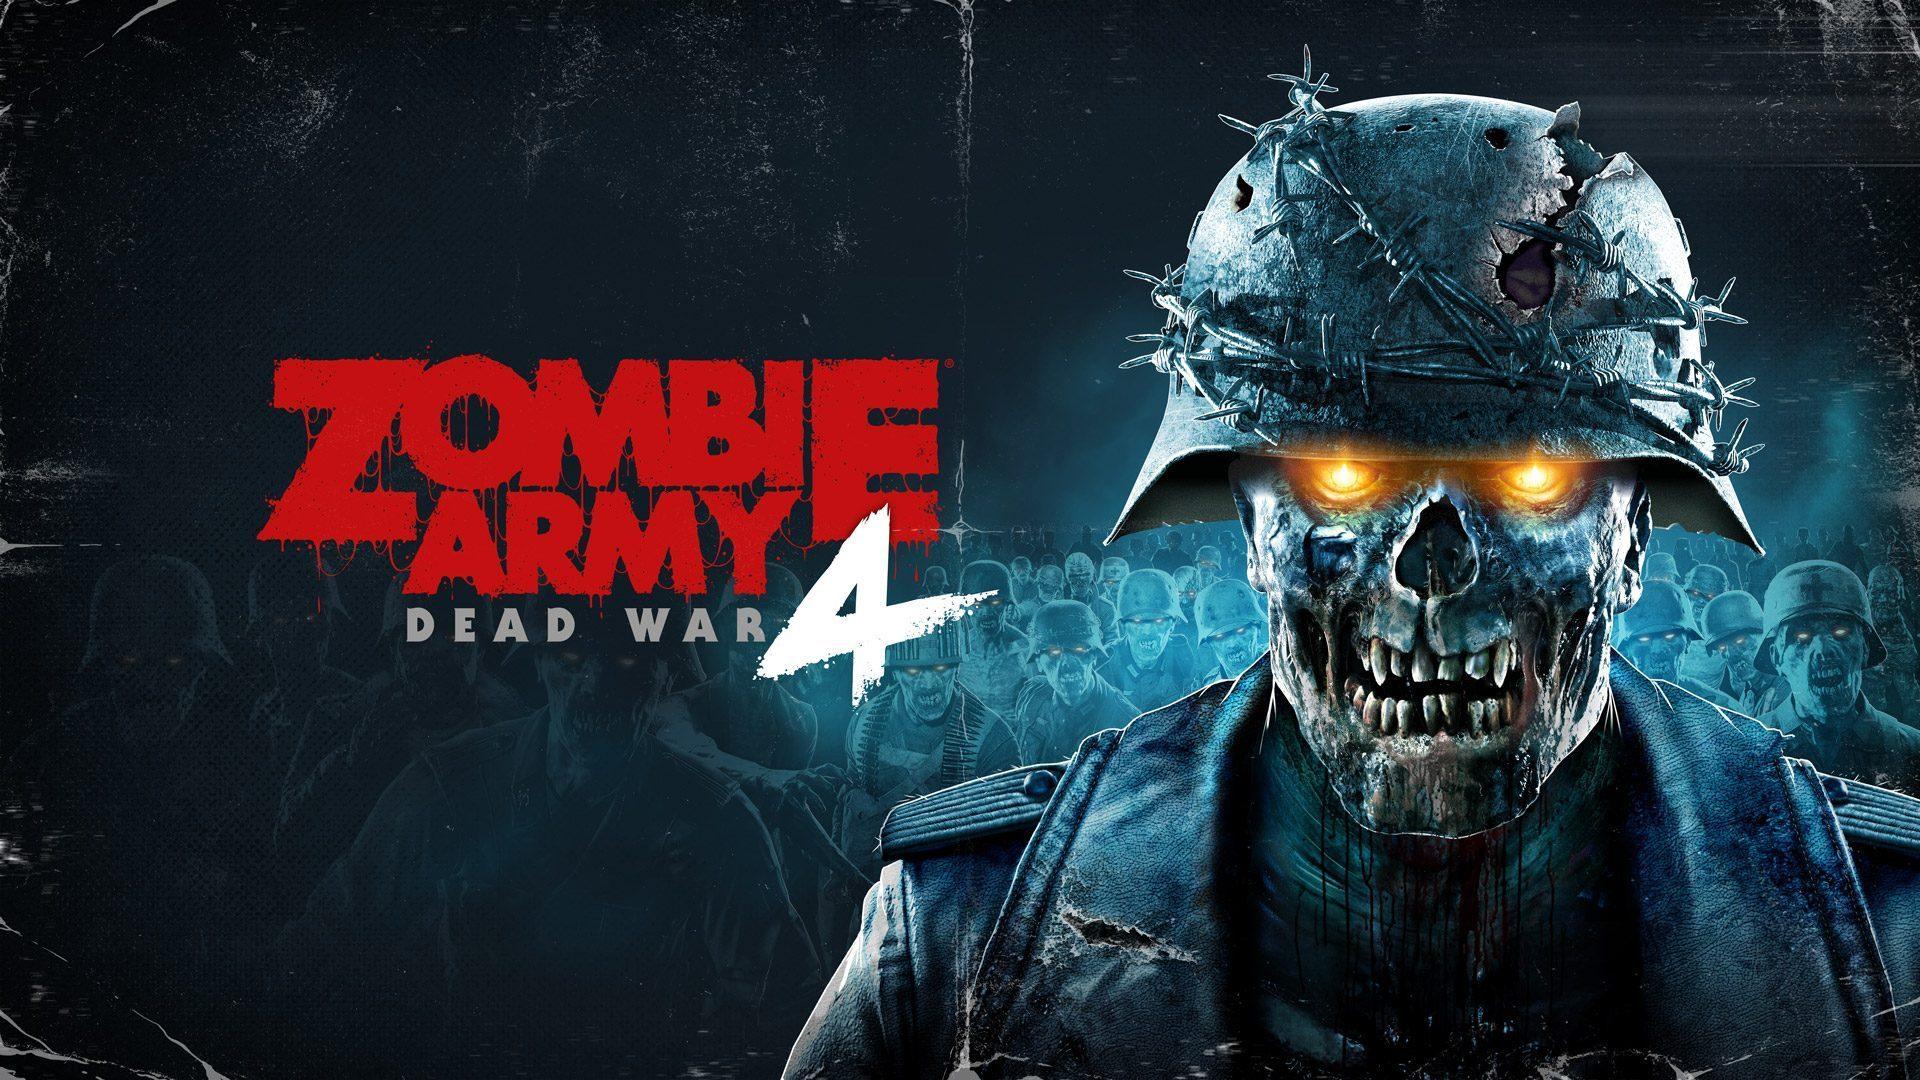 zombiearmy4deadwar_vignette